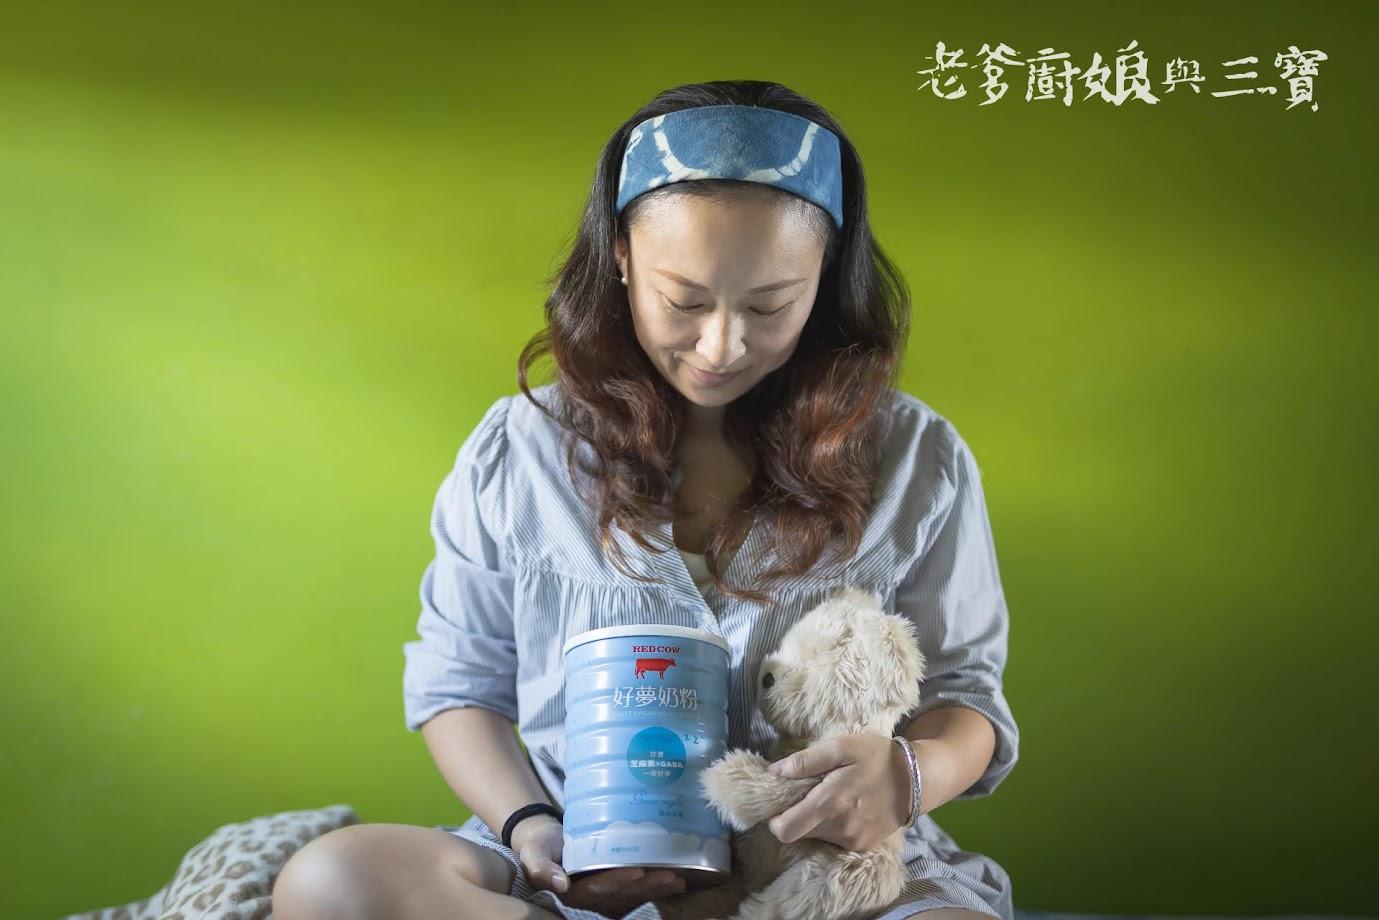 睡前來一杯「紅牛好夢奶粉」,幫助一夜好眠到天亮,內含珍貴芝麻素&GABA玄米萃取物,強化高鈣睡前奶粉推薦首選!